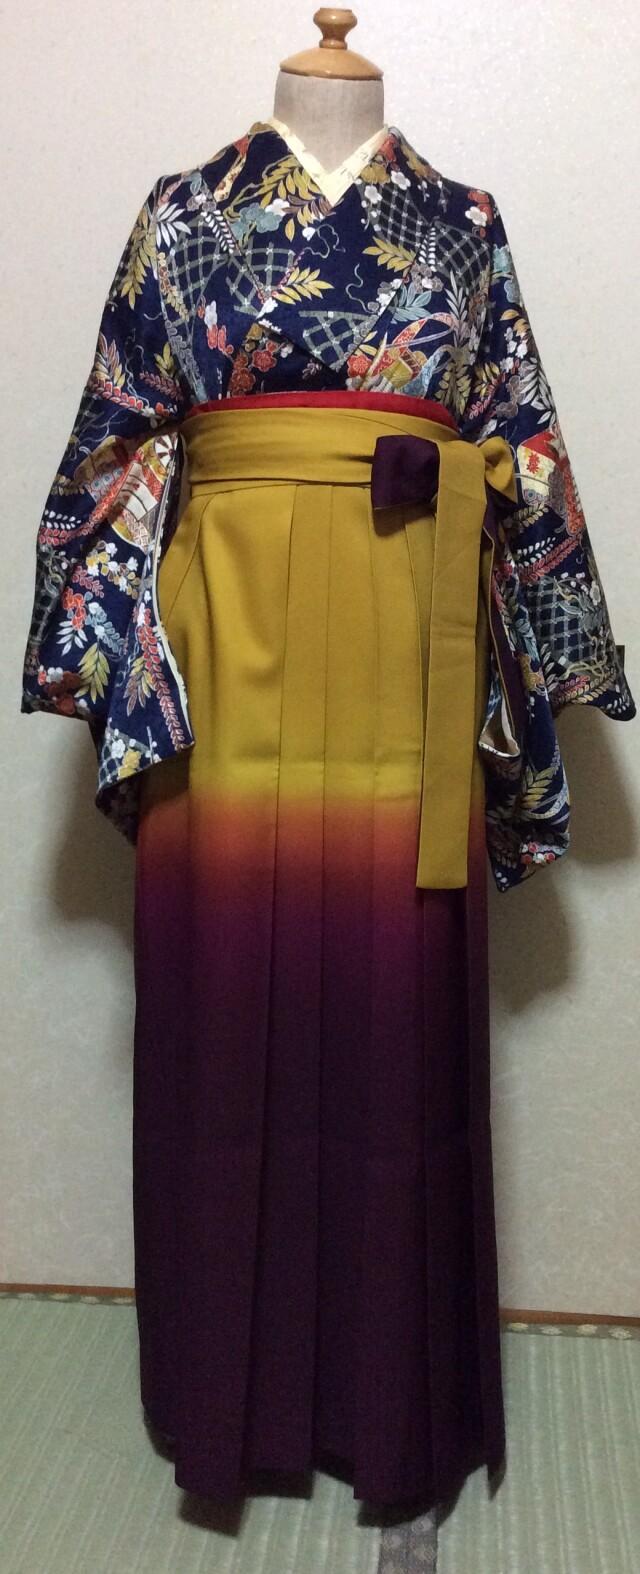 袴 着物セット 紺地 御所車&梅柄の衣装画像1